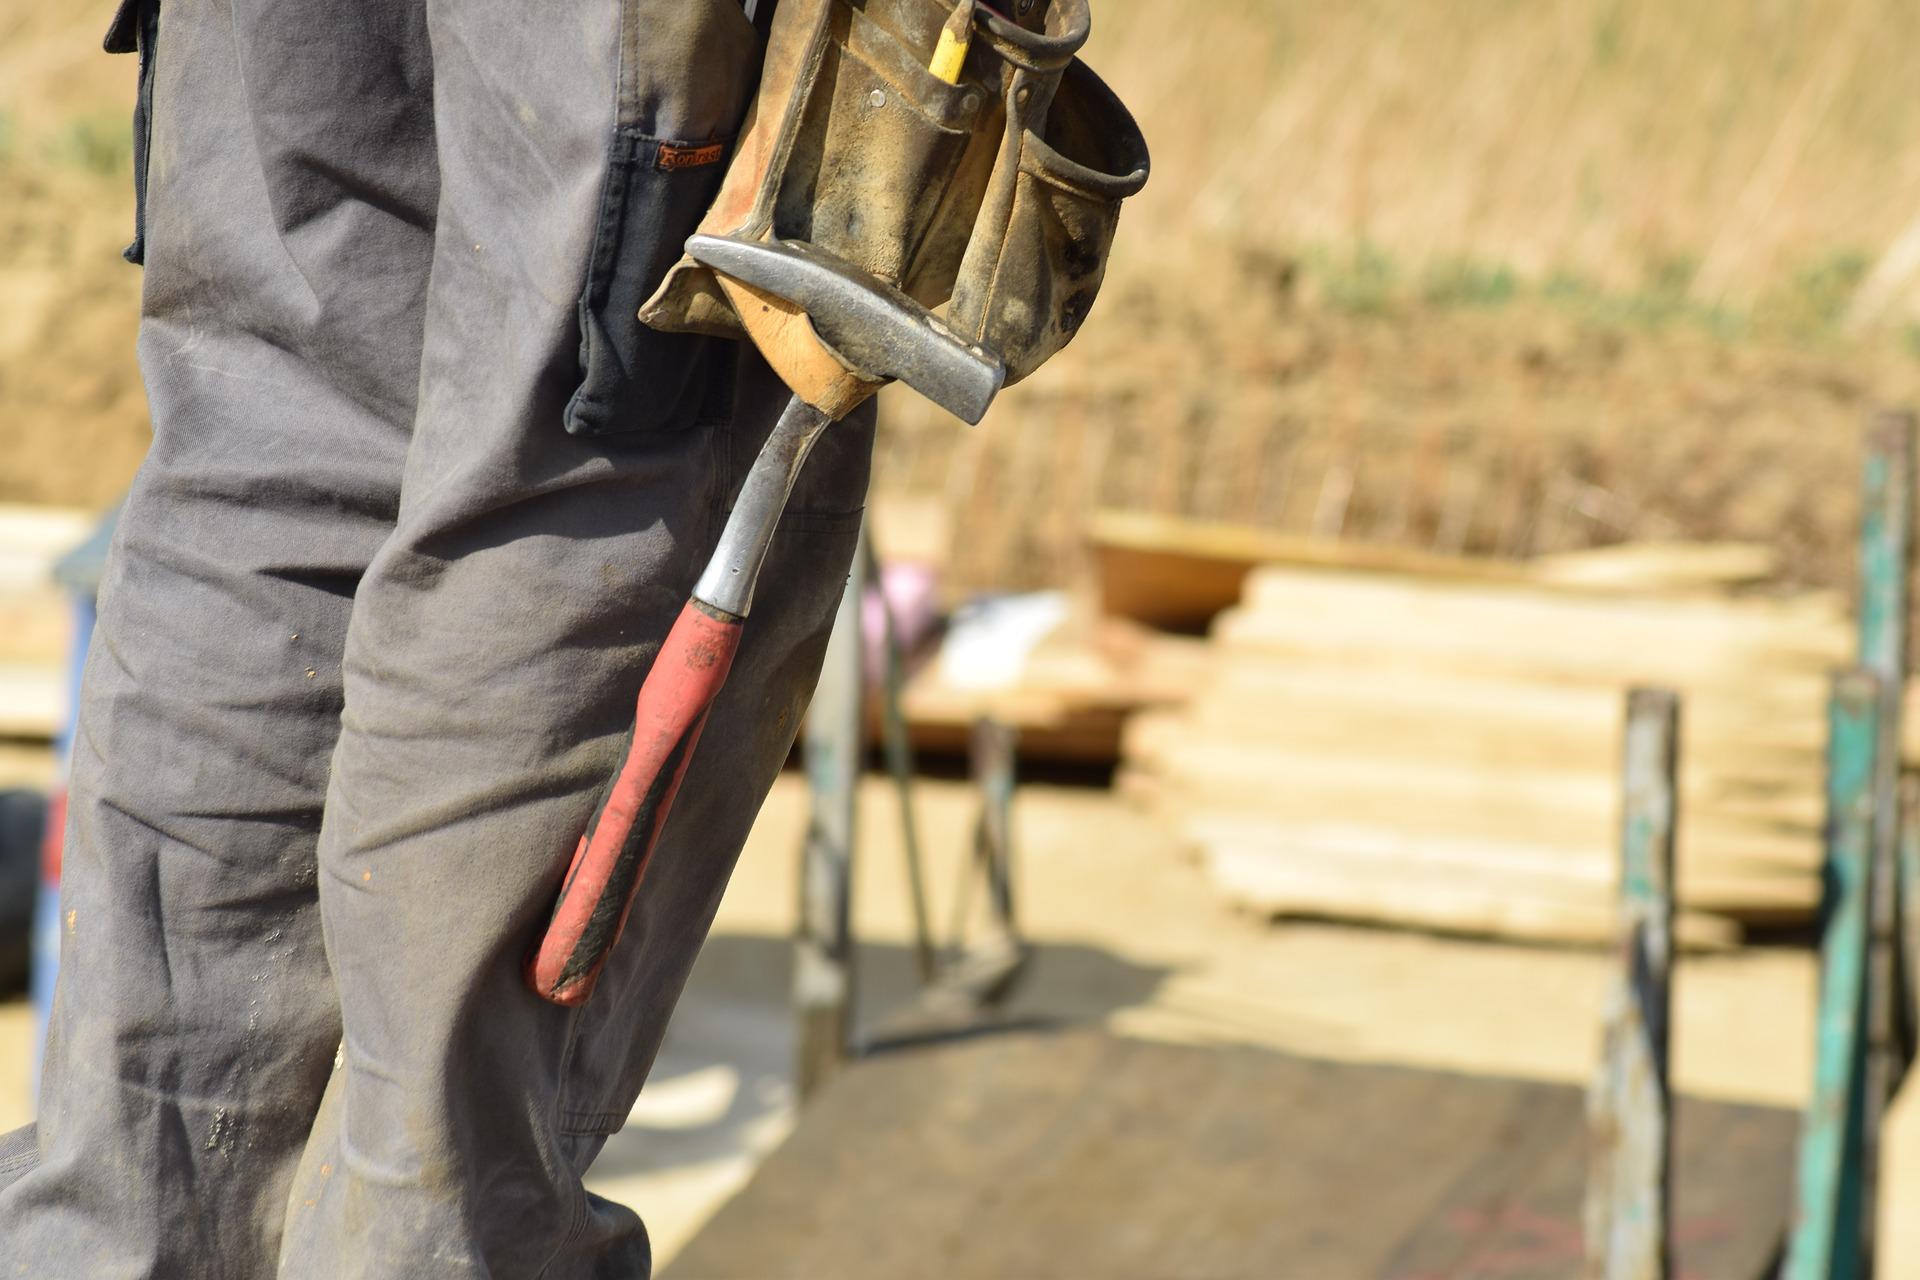 施工管理の転職理由10選【みんなはどんな理由で転職してるのか?】